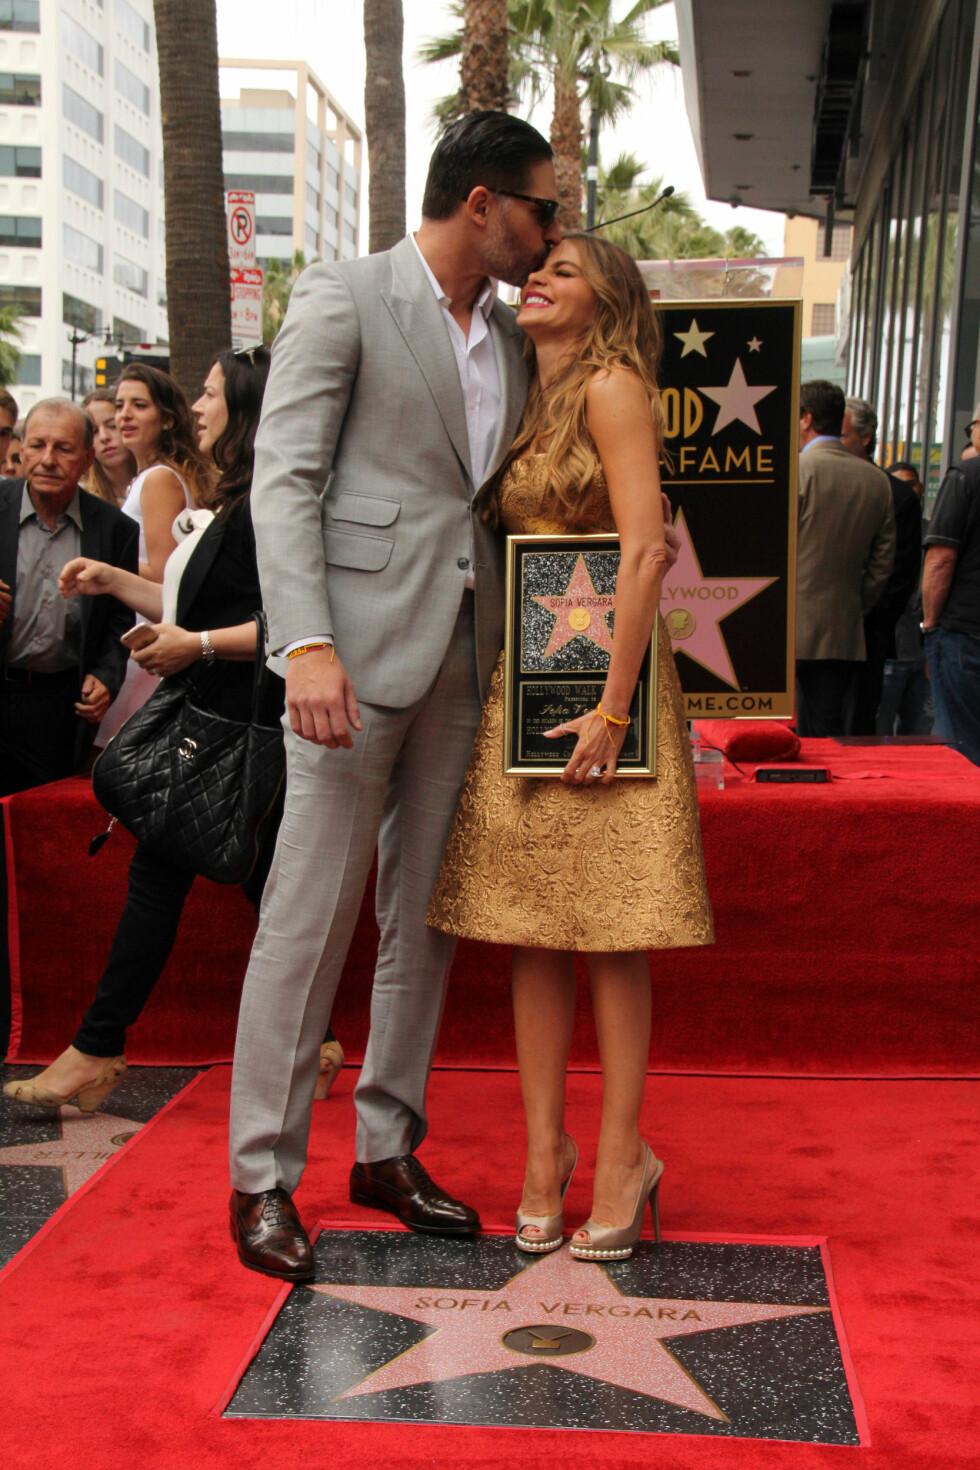 GOD STØTTE: I mai i år fikk Sofia Vergara - som er en av verdens best betalte skuespillere - stjerne på The Hollywood Walk Of Fame, og selvfølgelig var forloveden Joe Manganiello på plass for å dele den gledelige stunden med den colombianske skjønnheten. Foto: NTB Scanpix